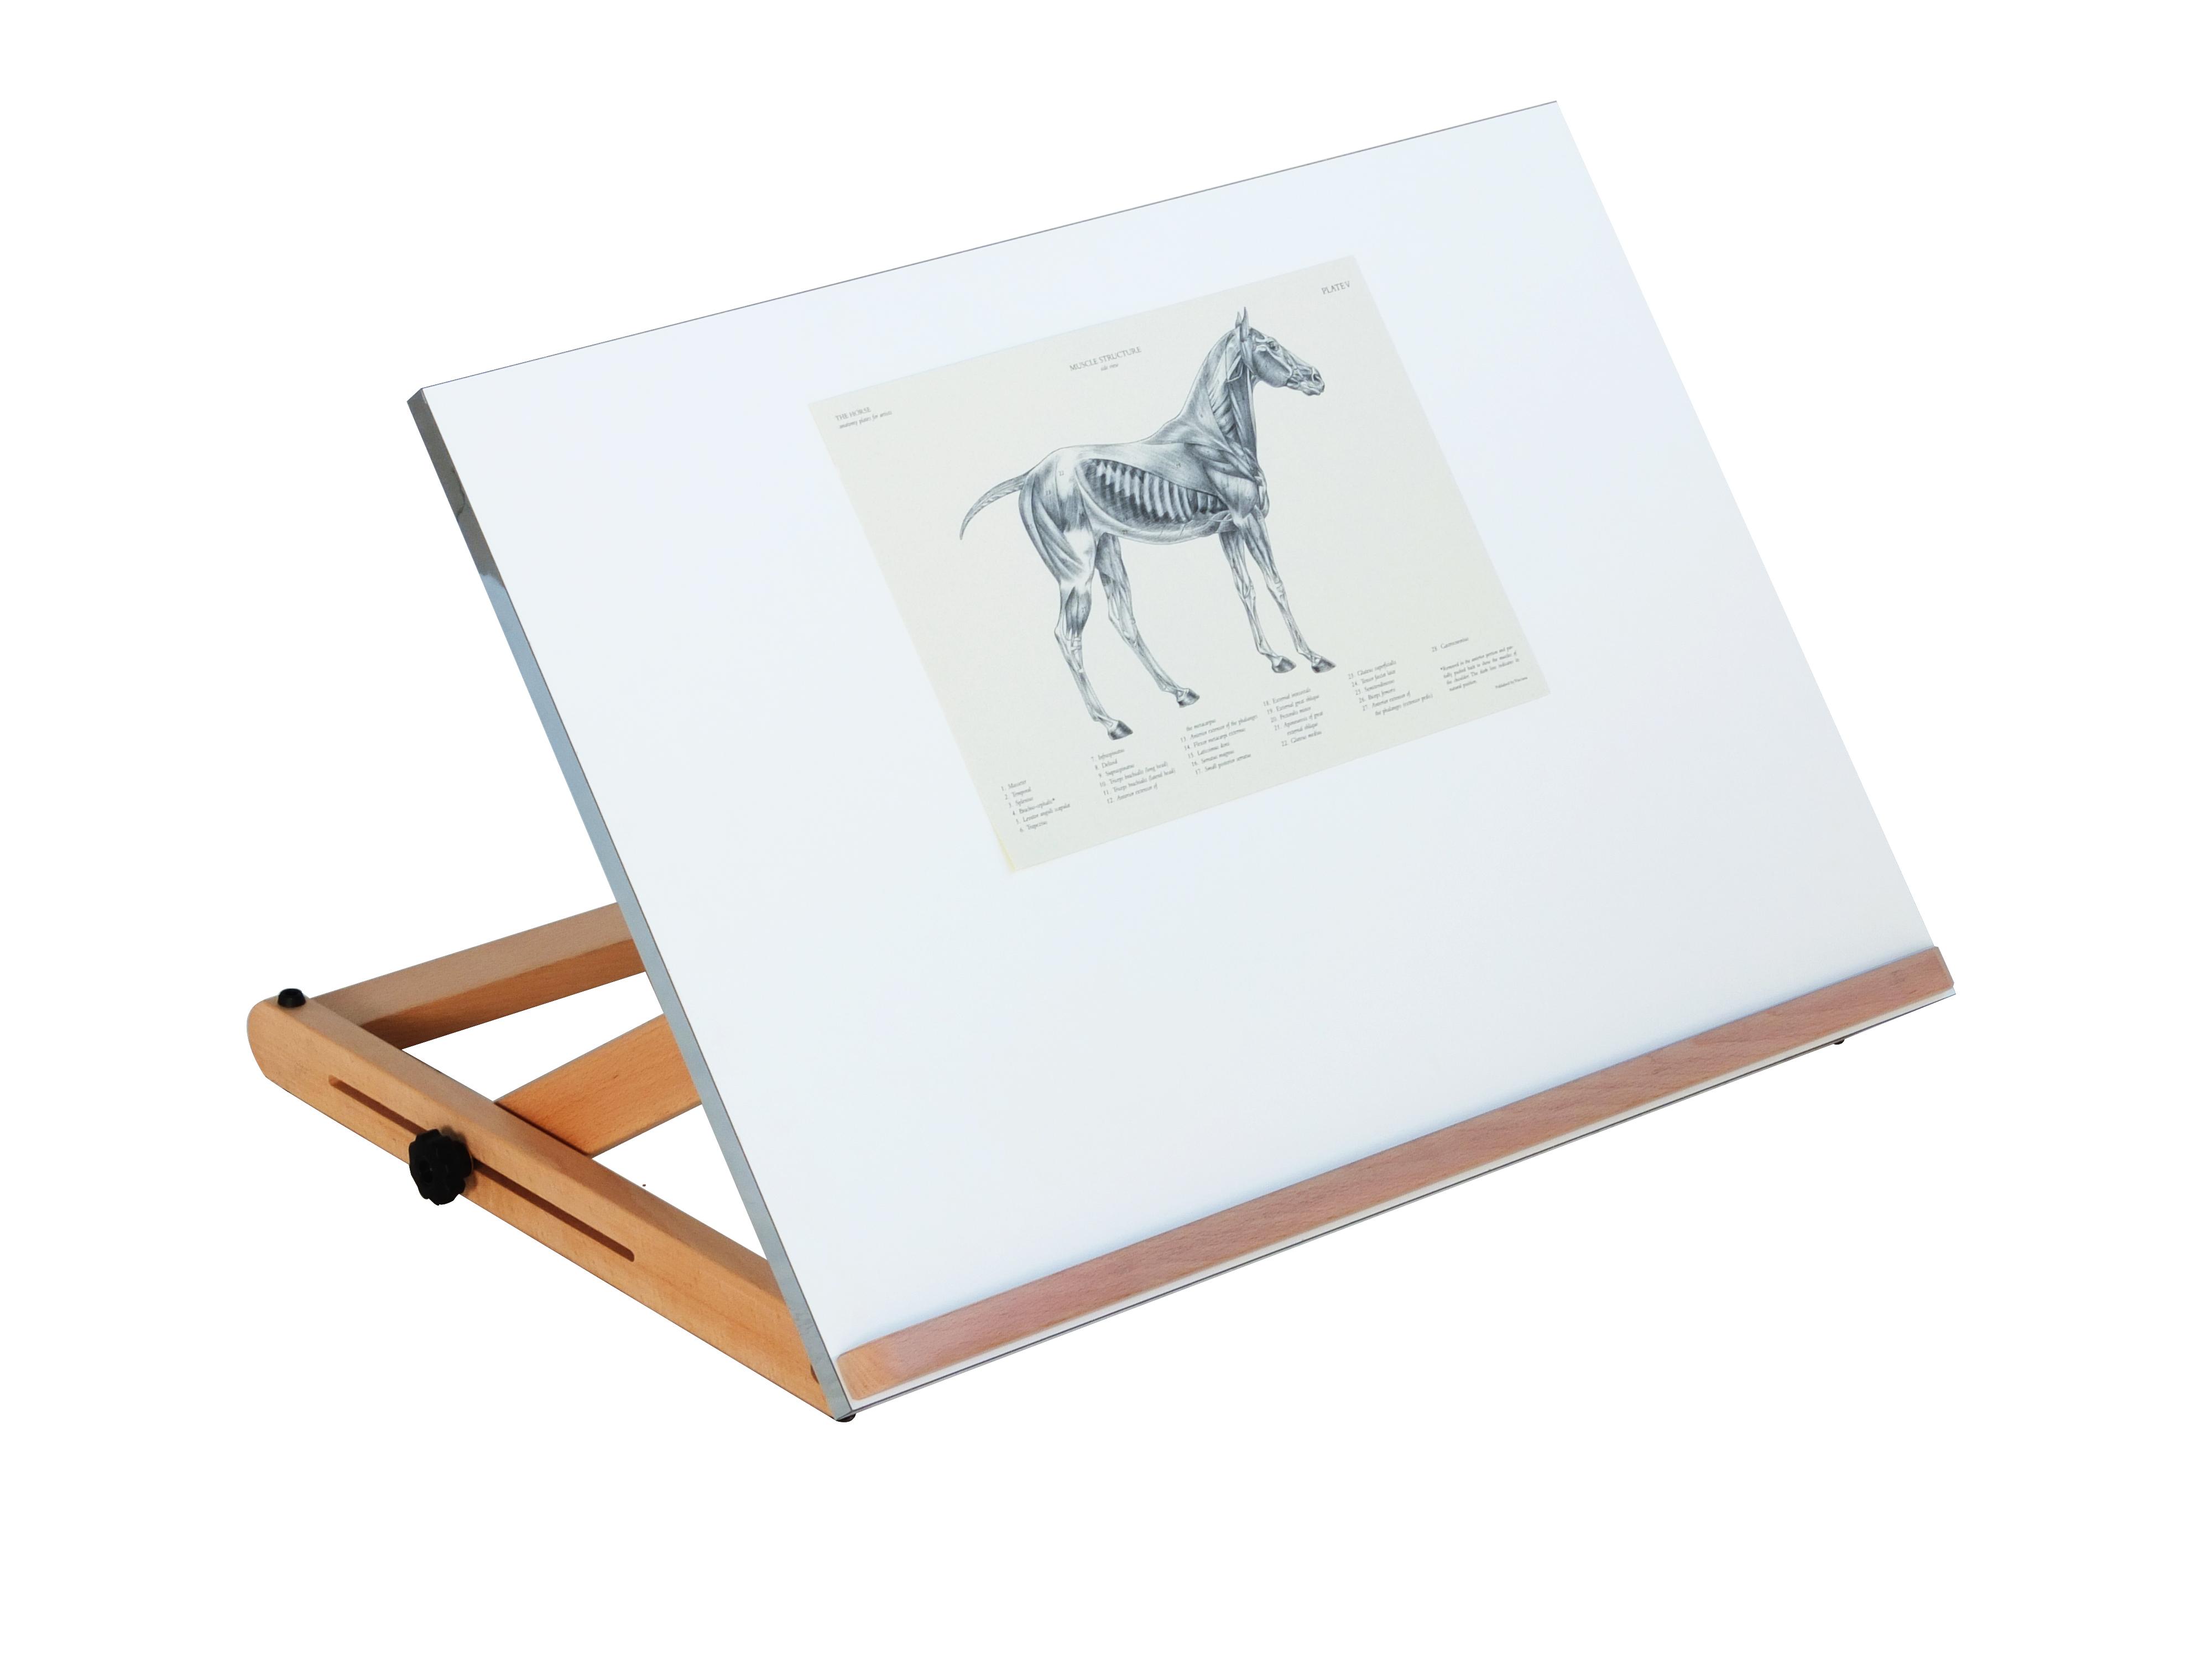 Tavolo Da Disegno Artistico : Td ◦ tavola da disegno regolabile cappelletto articoli e